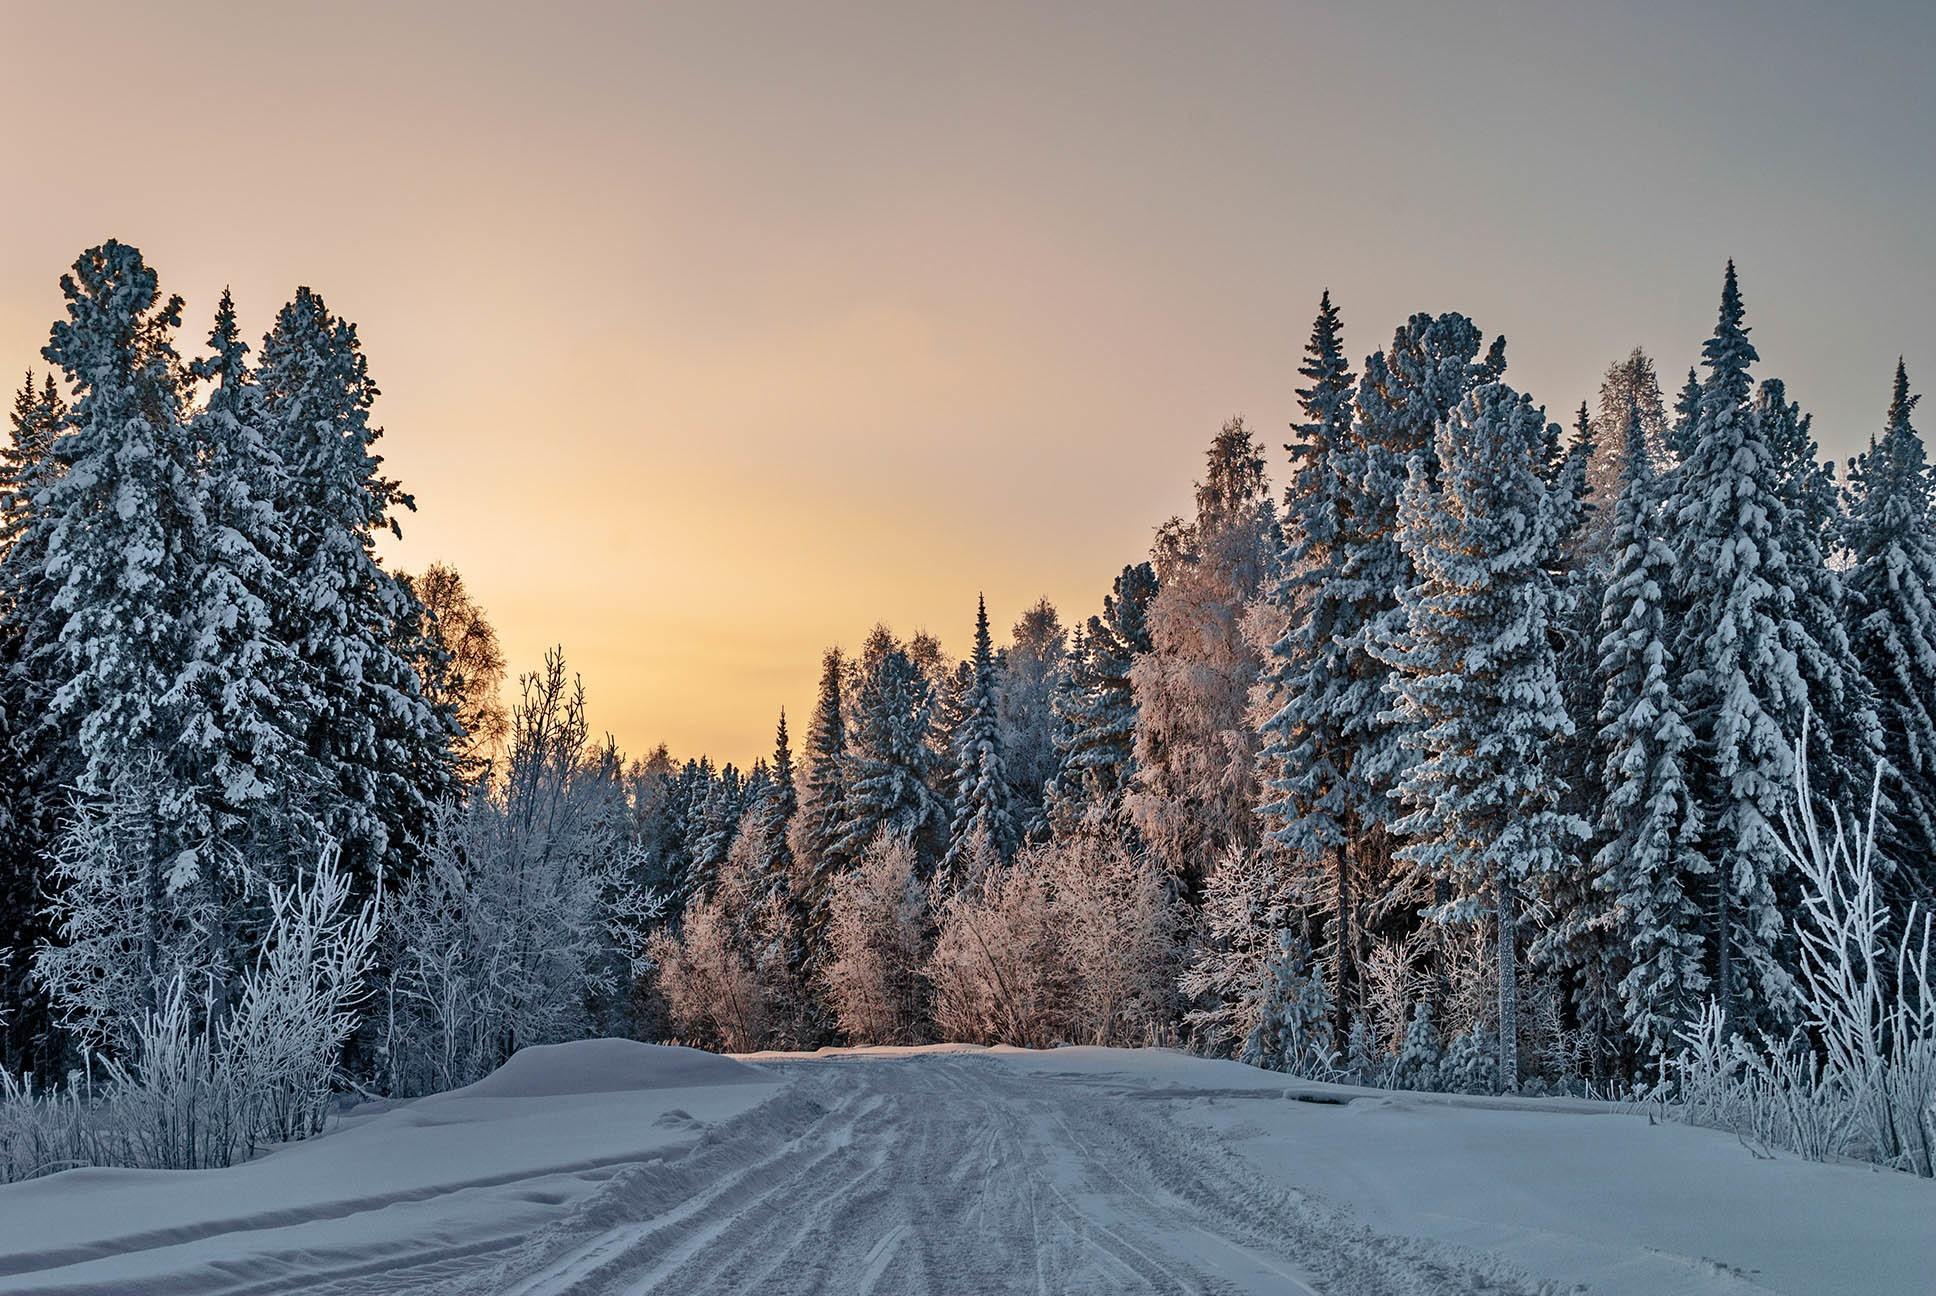 девушка картинки зимний снежный коми лес масла создает